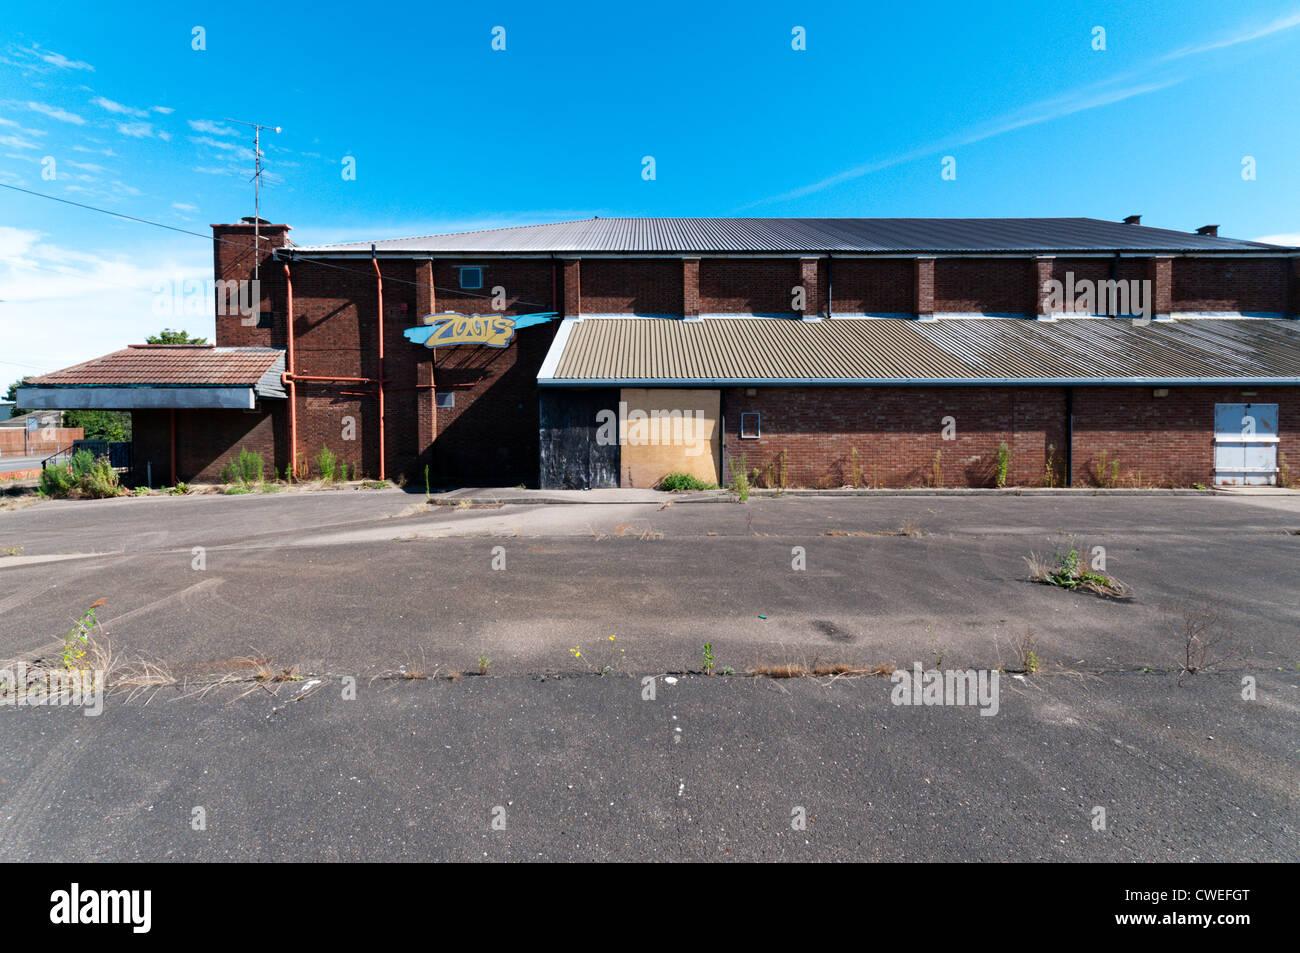 L'ancien cinéma pilote à King's Lynn, maintenant fermé et en attente de réaménagement. Photo Stock